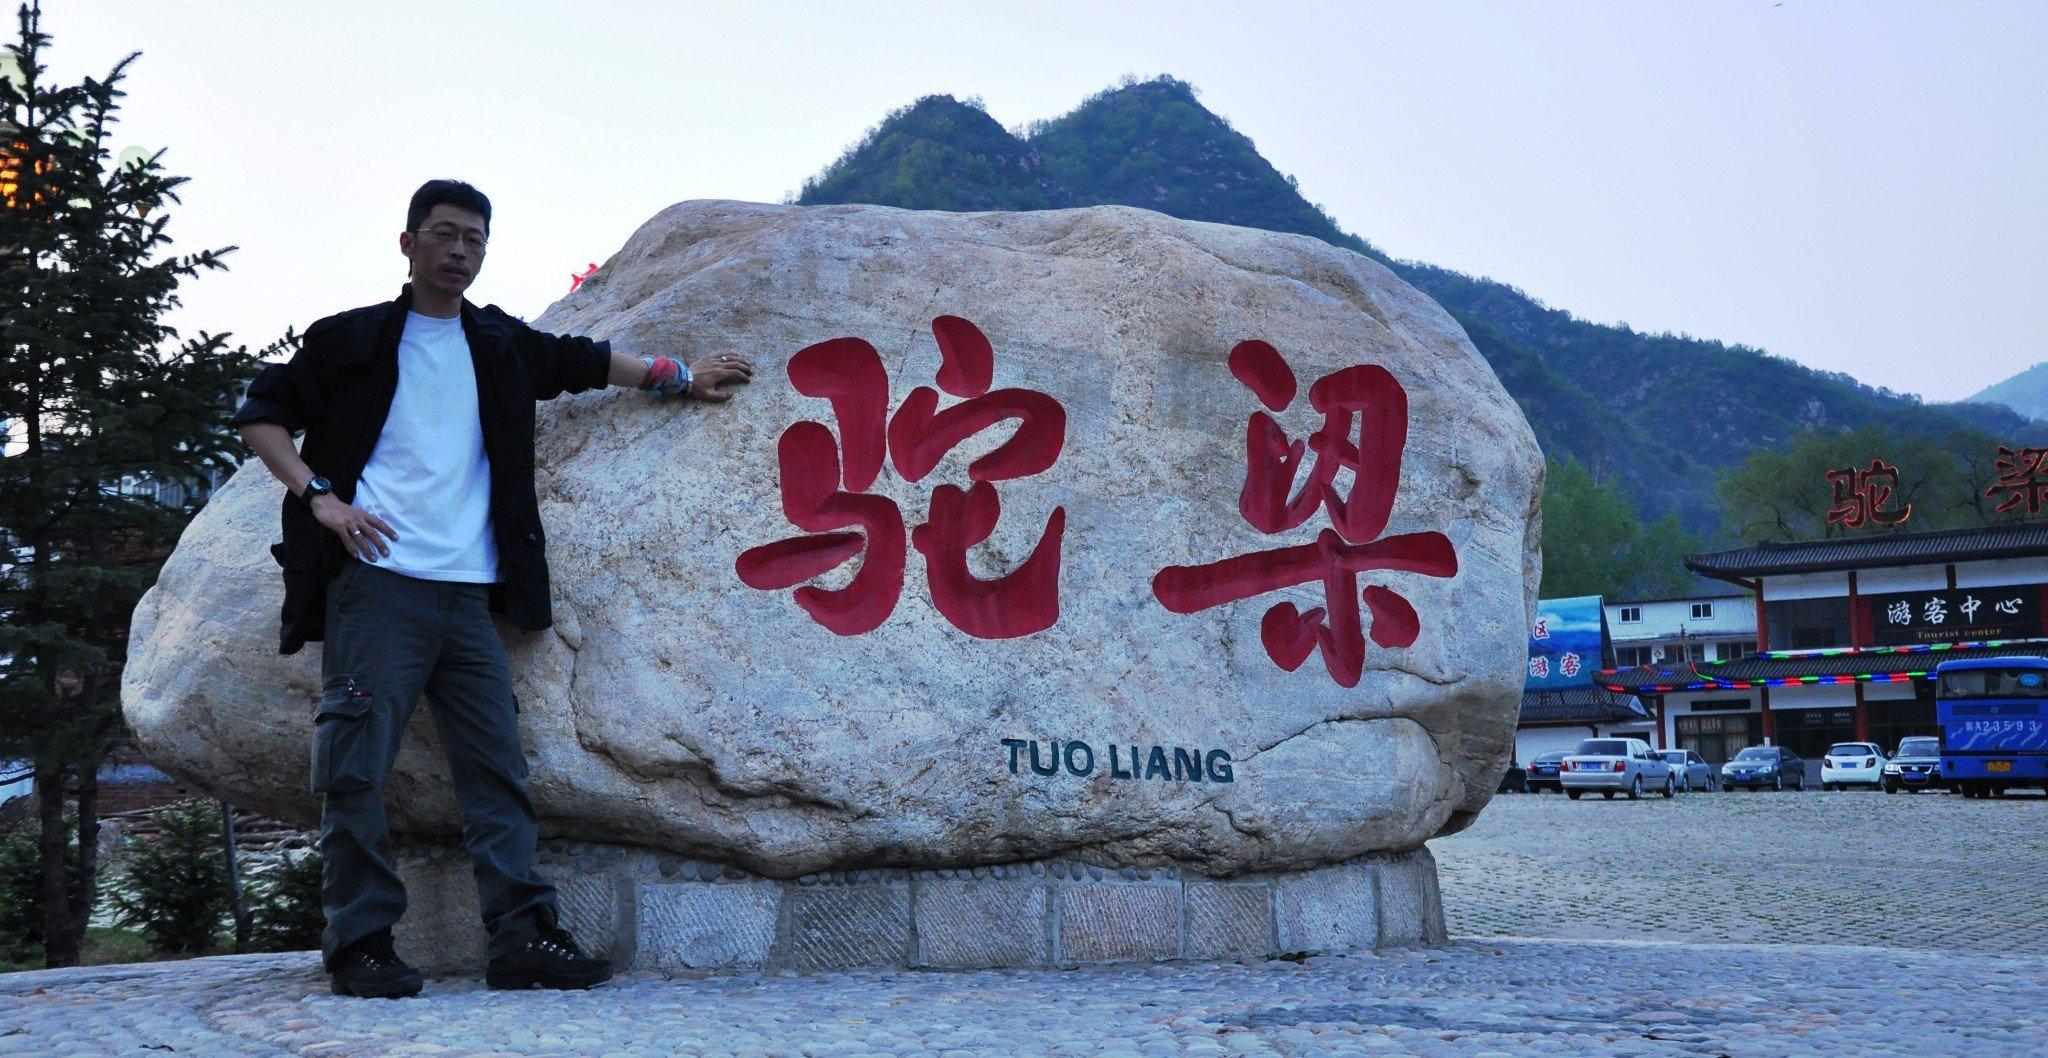 《自驾游中国》周末篇 河北 平山【驼梁-2016年的第一场雪】